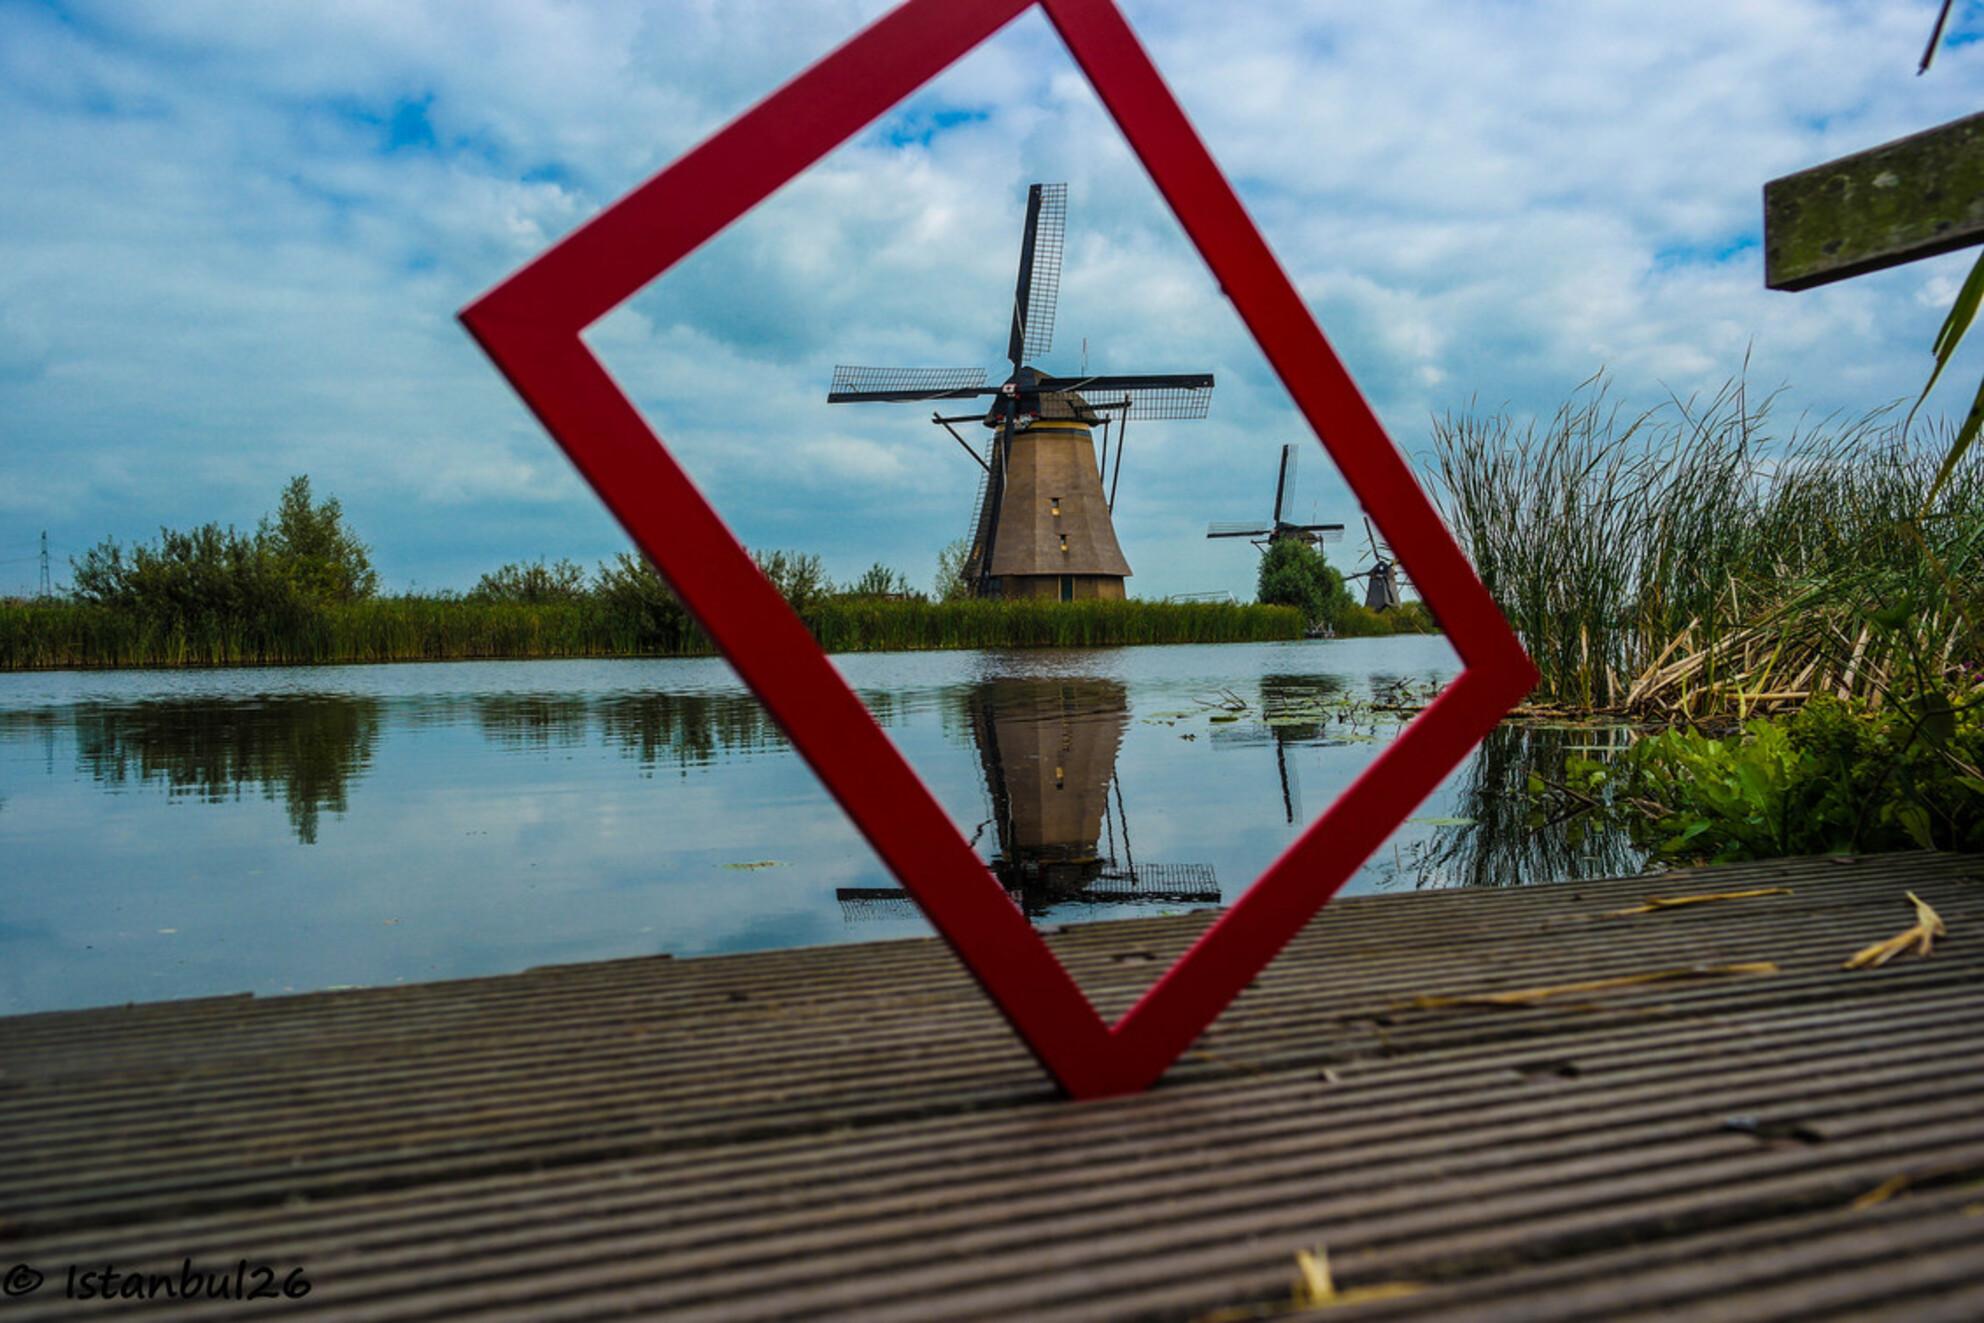 Mill - SAM_1444.jpg - foto door Aysegul_zoom op 16-09-2014 - deze foto bevat: wolken, water, natuur, herfst, bos, rivier, molen